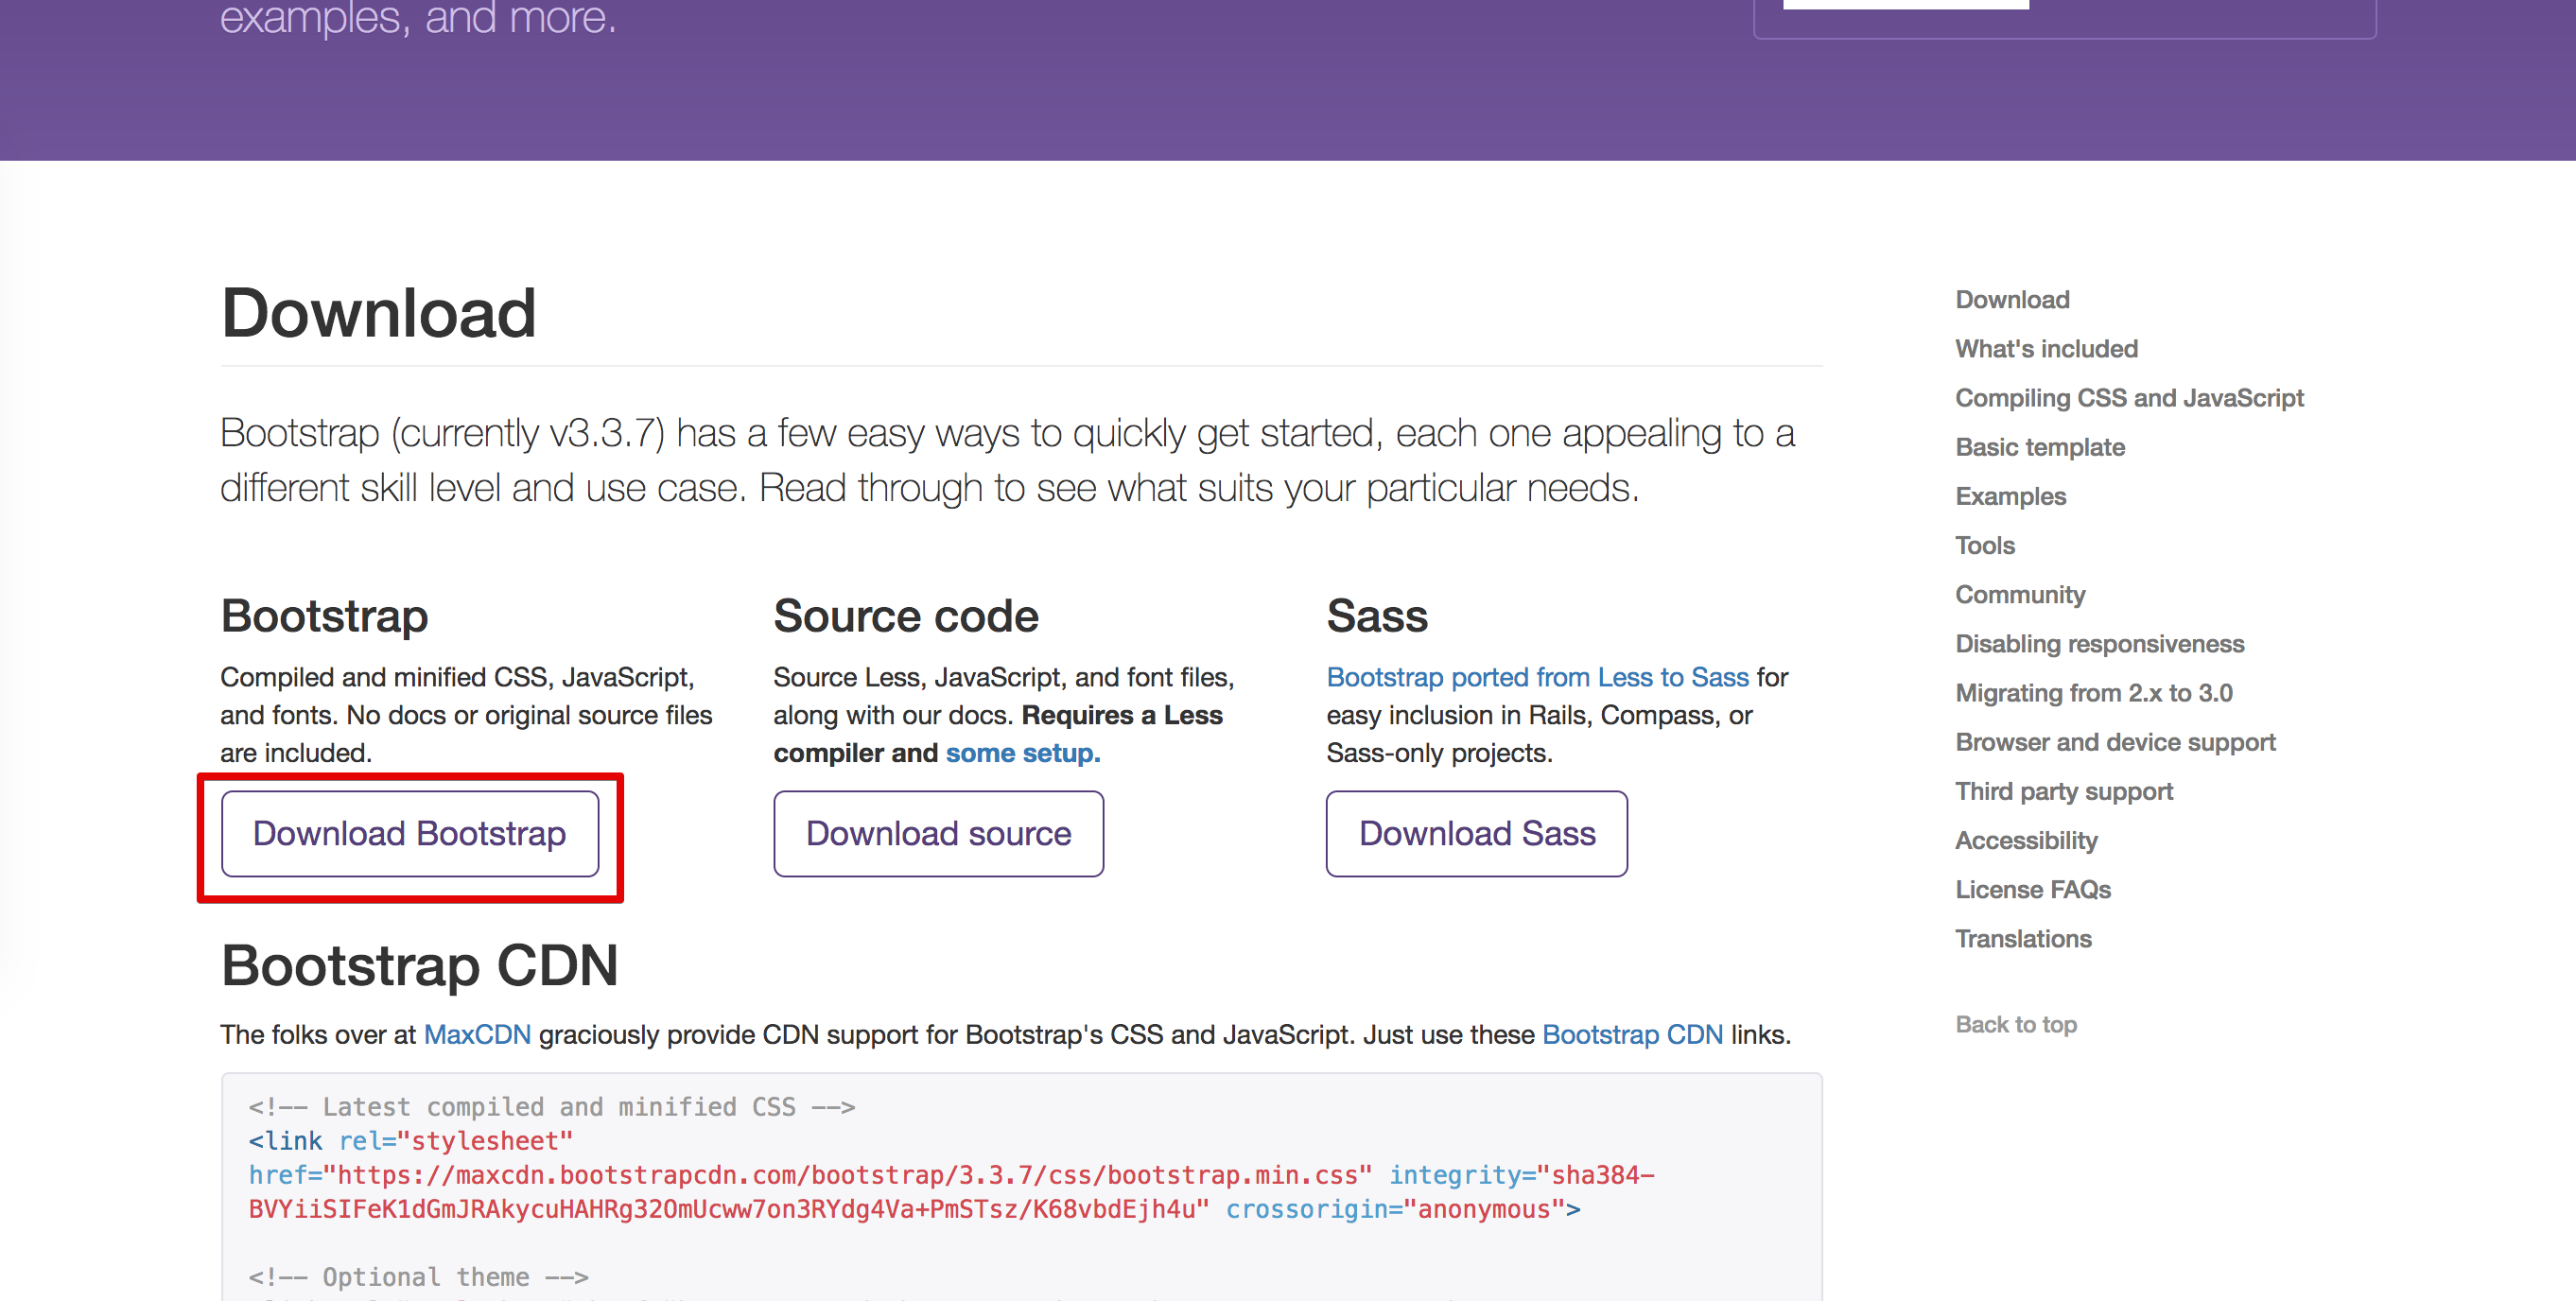 29b9f9d375d44e9f8493e4b42597cce9 - WordPress初心者にオススメ。Bootstrapで楽々CSSが書けるので使い方を簡単に解説